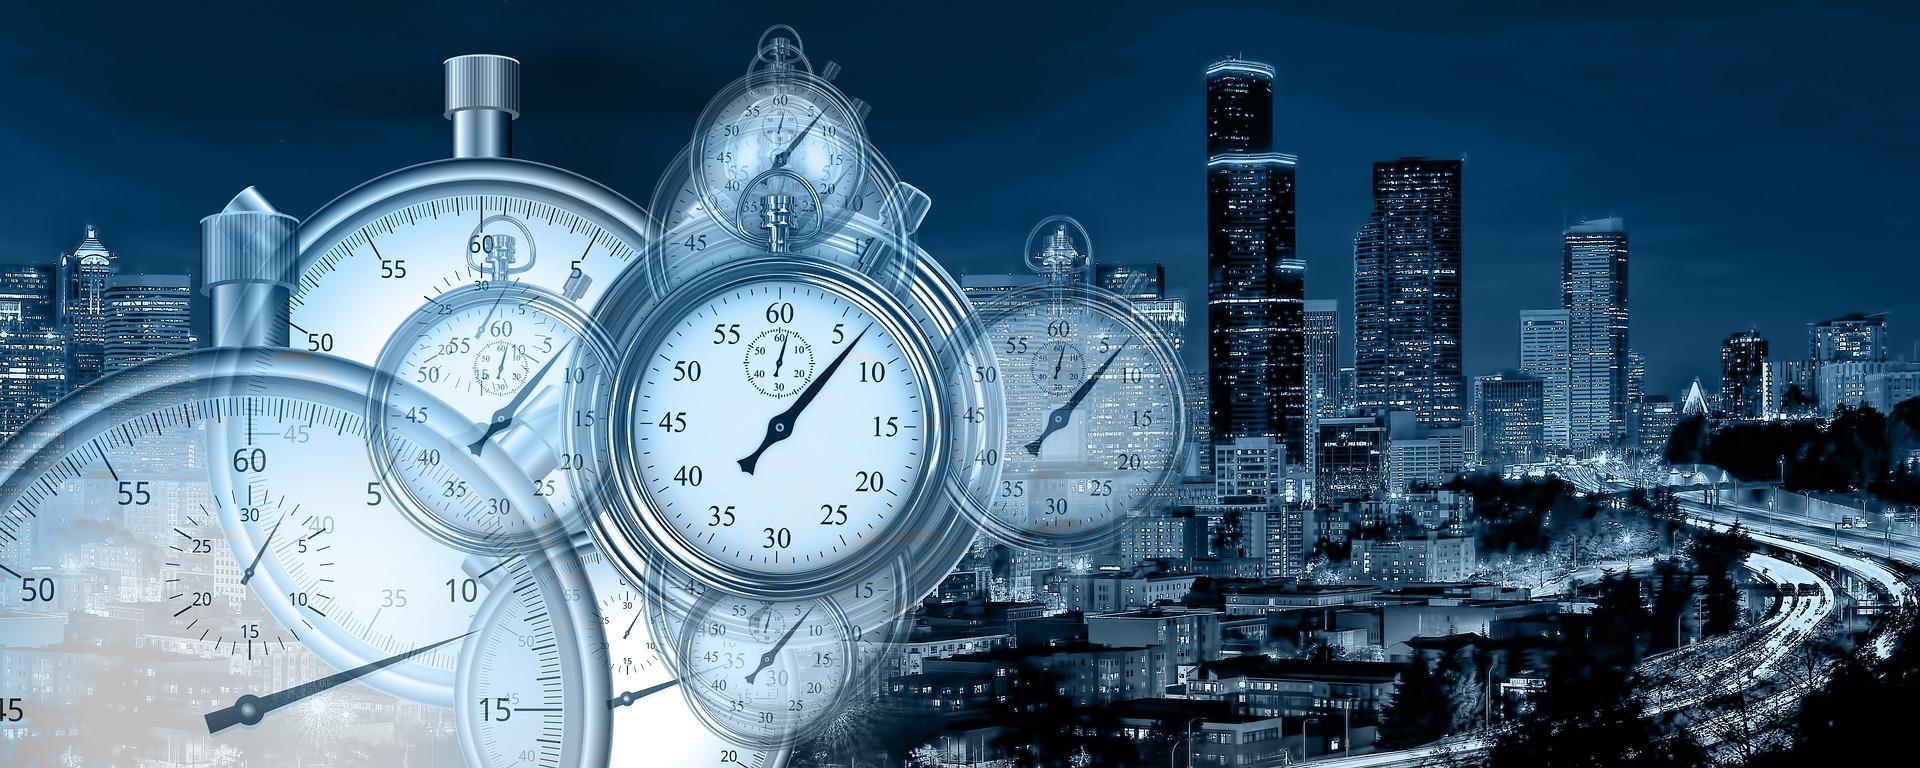 Contrat de travail à temps partiel et risque de requalification en contrat à temps plein